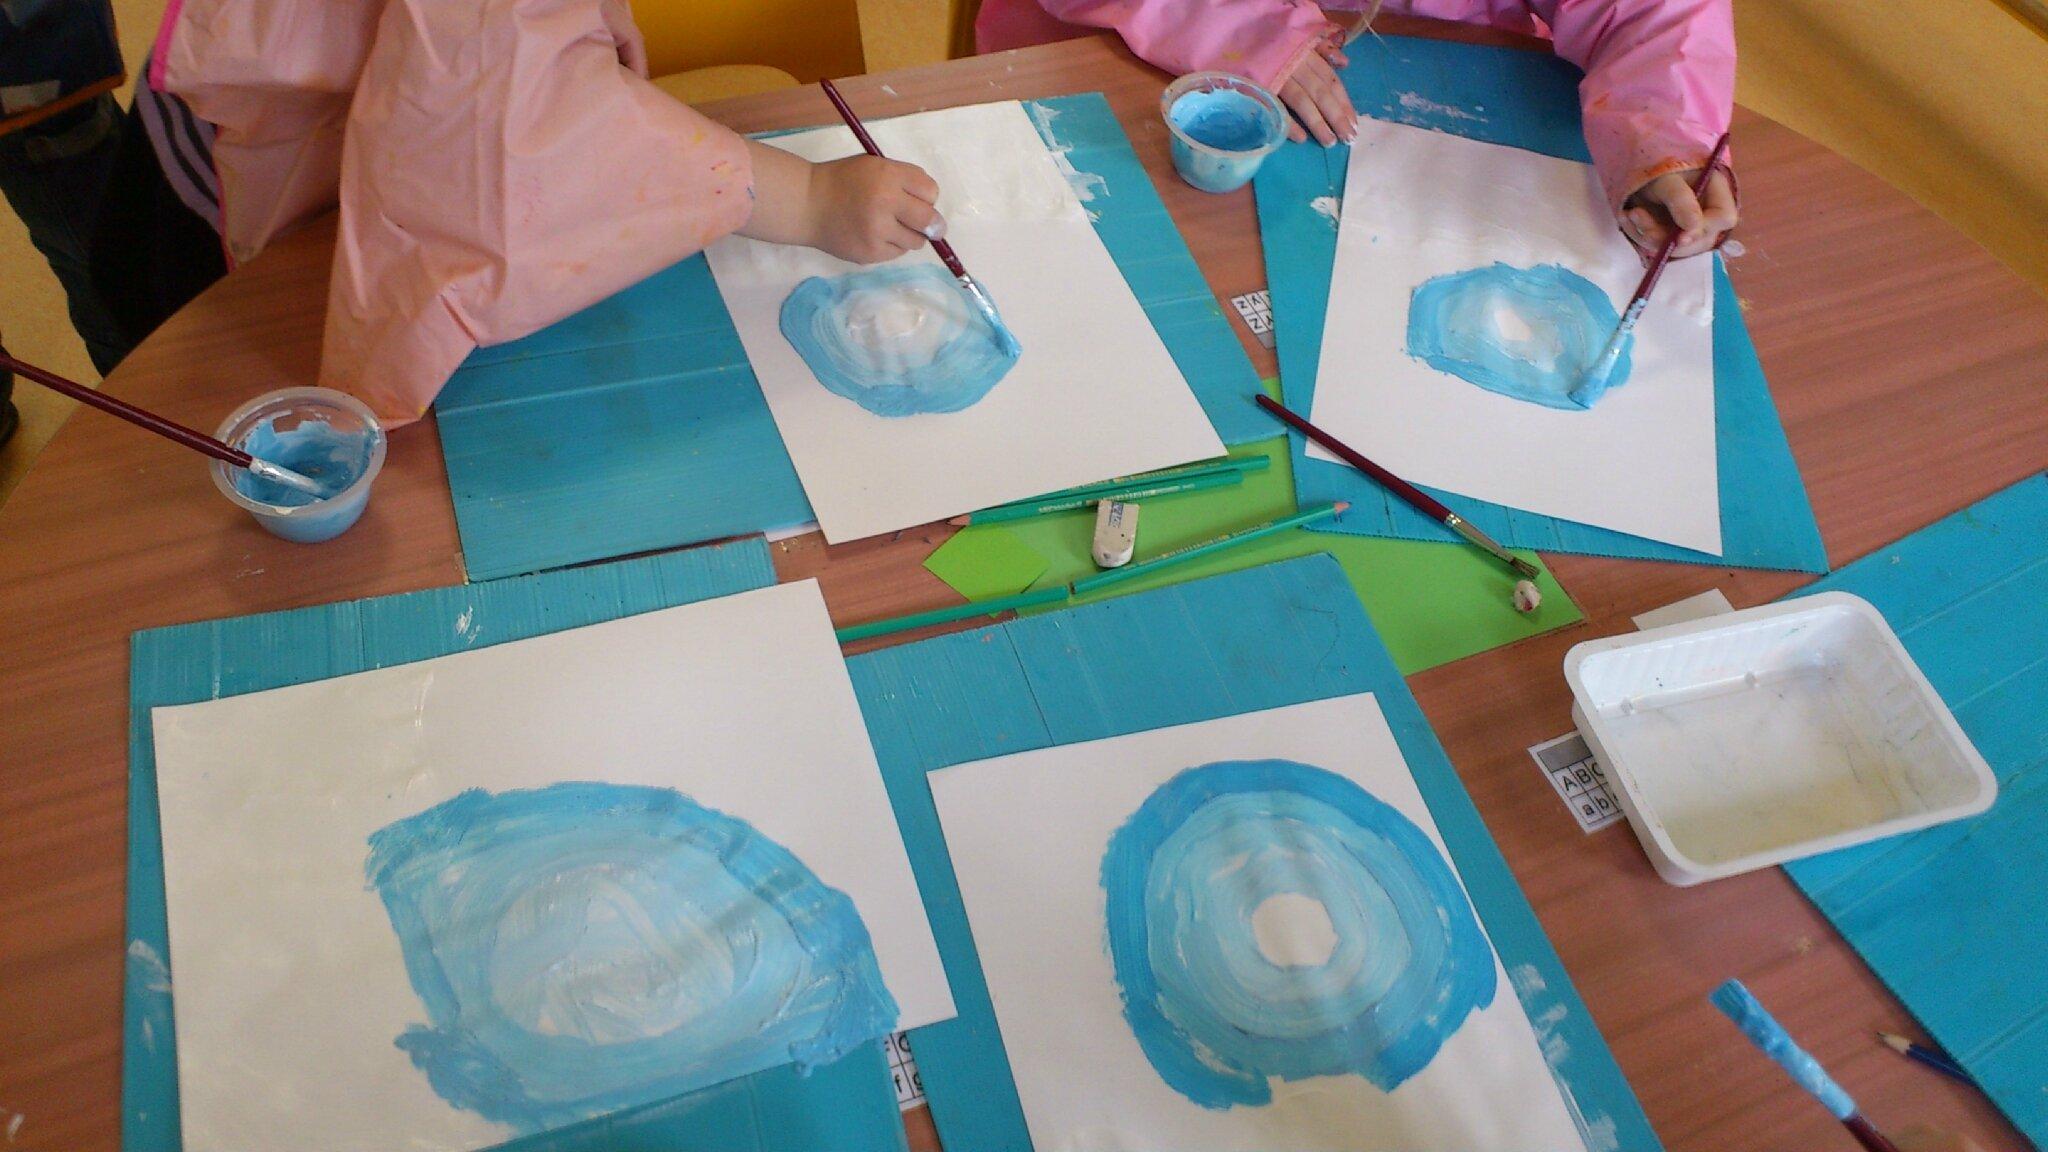 Activit manuelle hiver maternelle activit manuelle hiver projets faciles en papier pour - Activite hiver maternelle ...